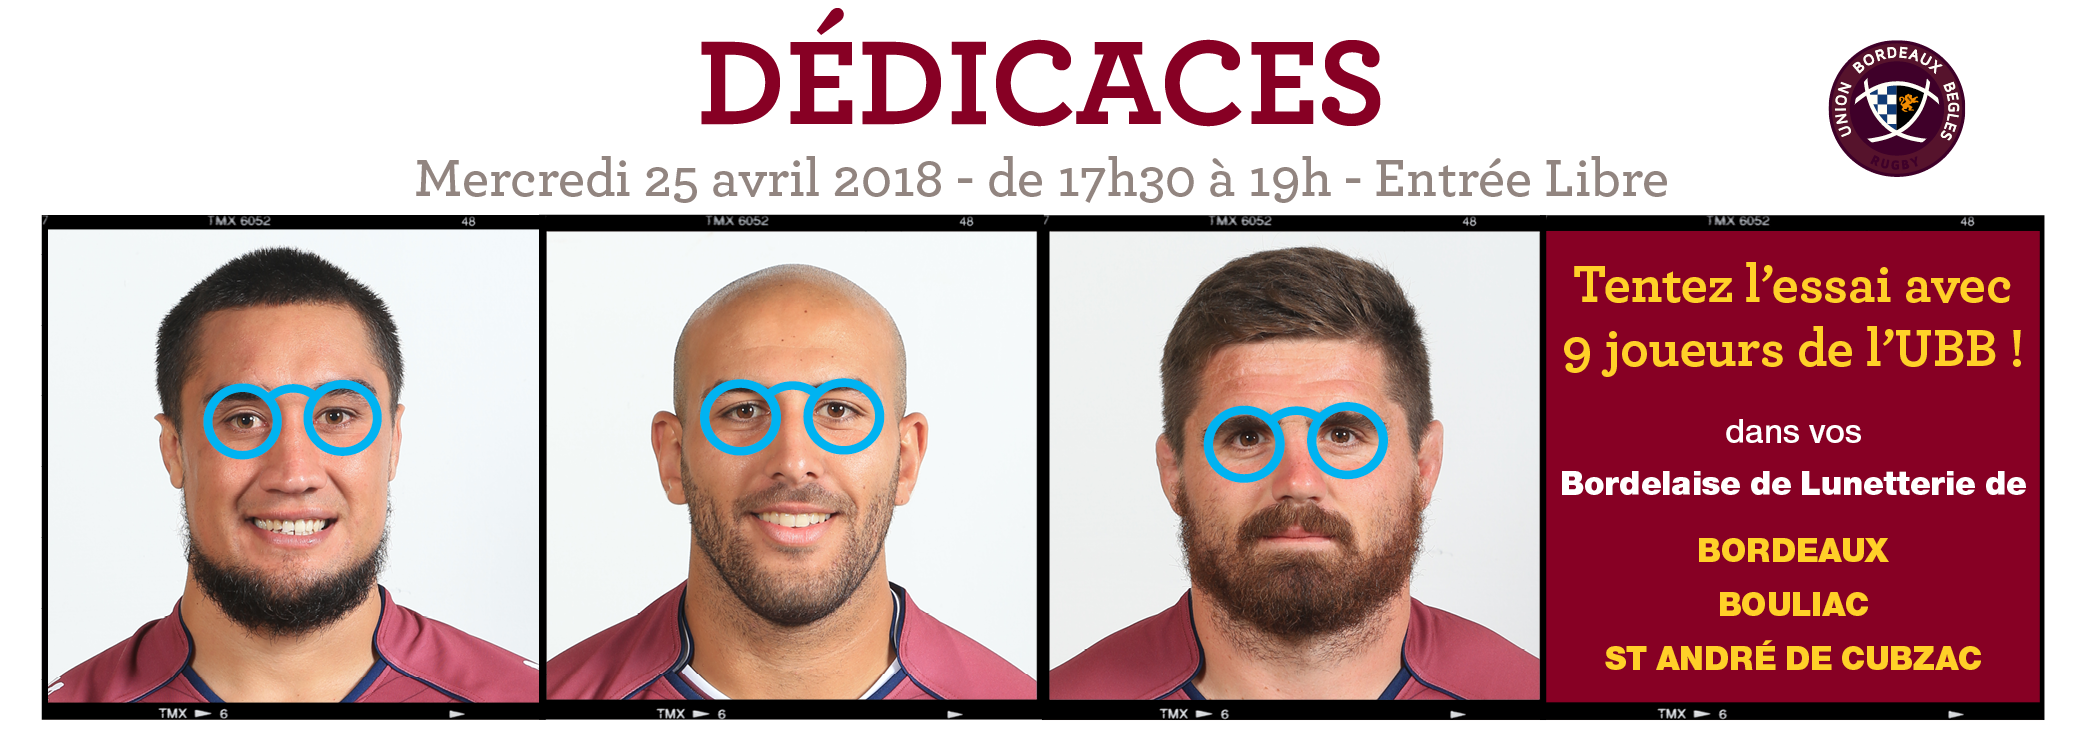 new bandeau page UBB dédicaces 04-2018